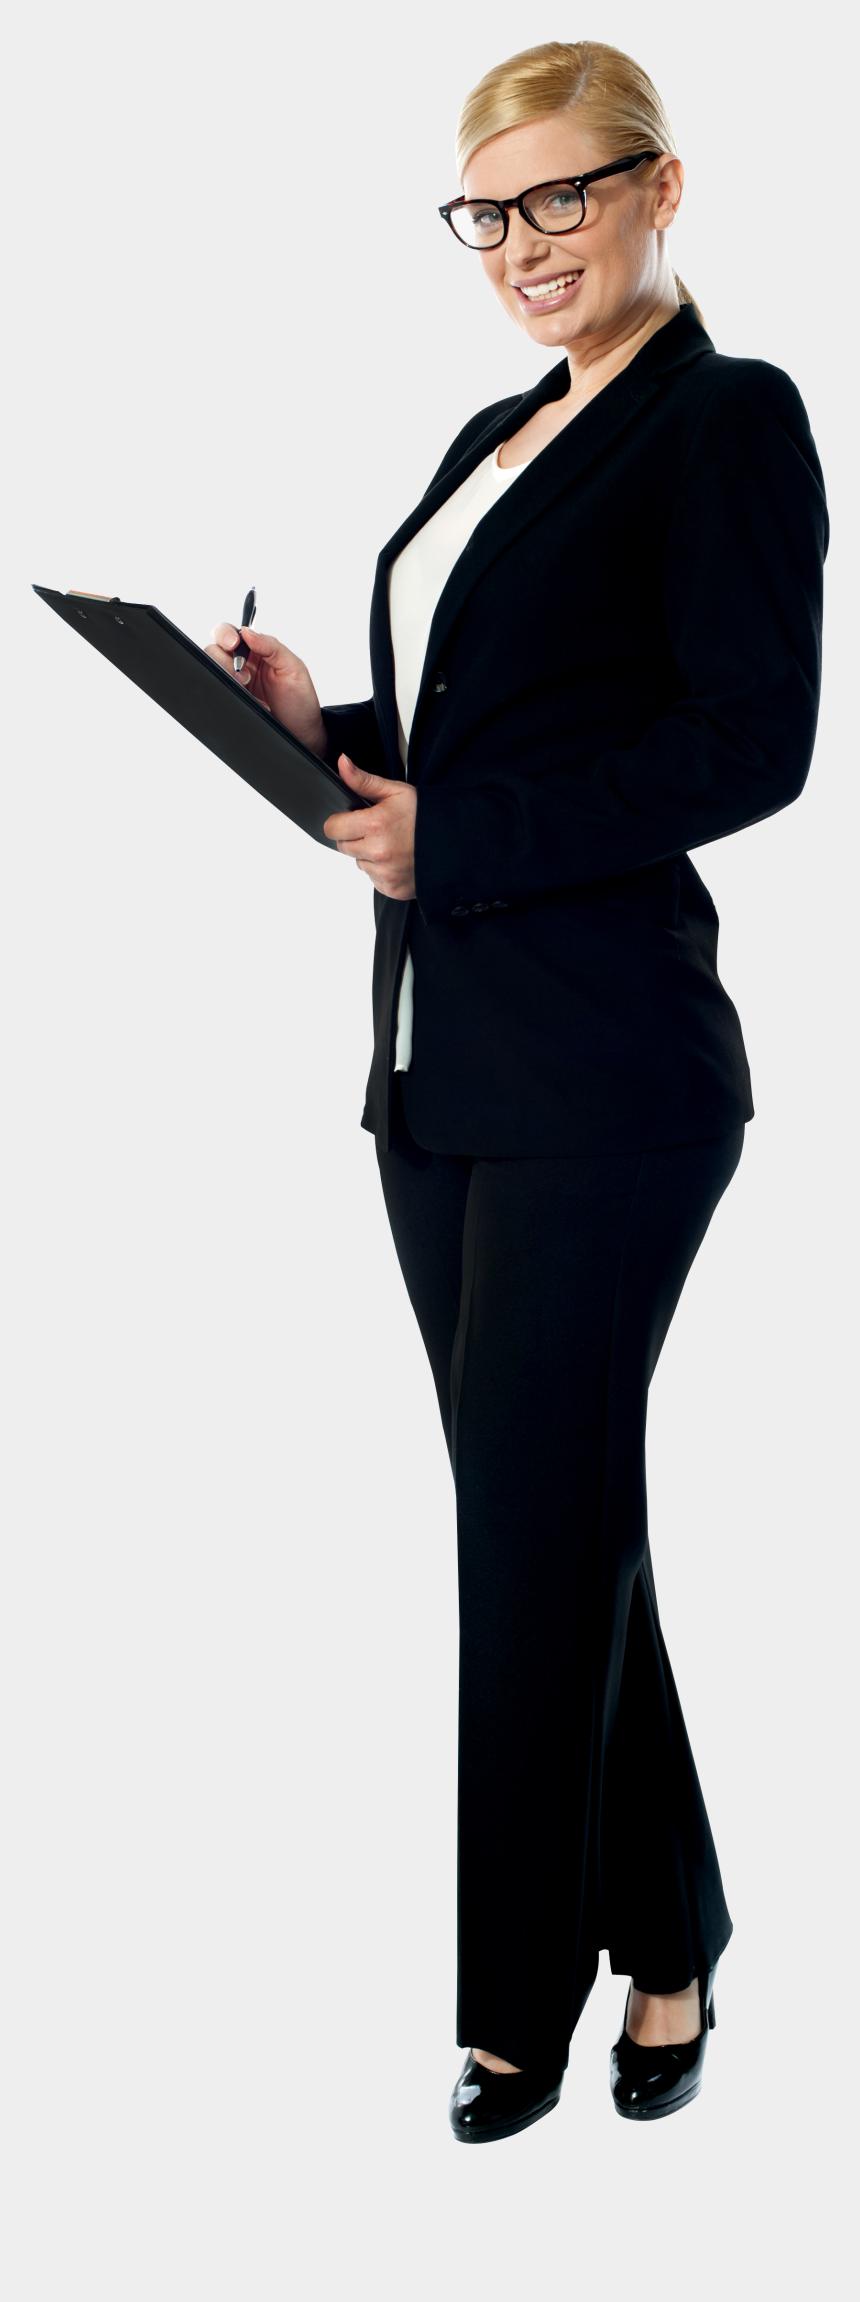 business woman clipart, Cartoons - Business Women - Business Woman Standing Png